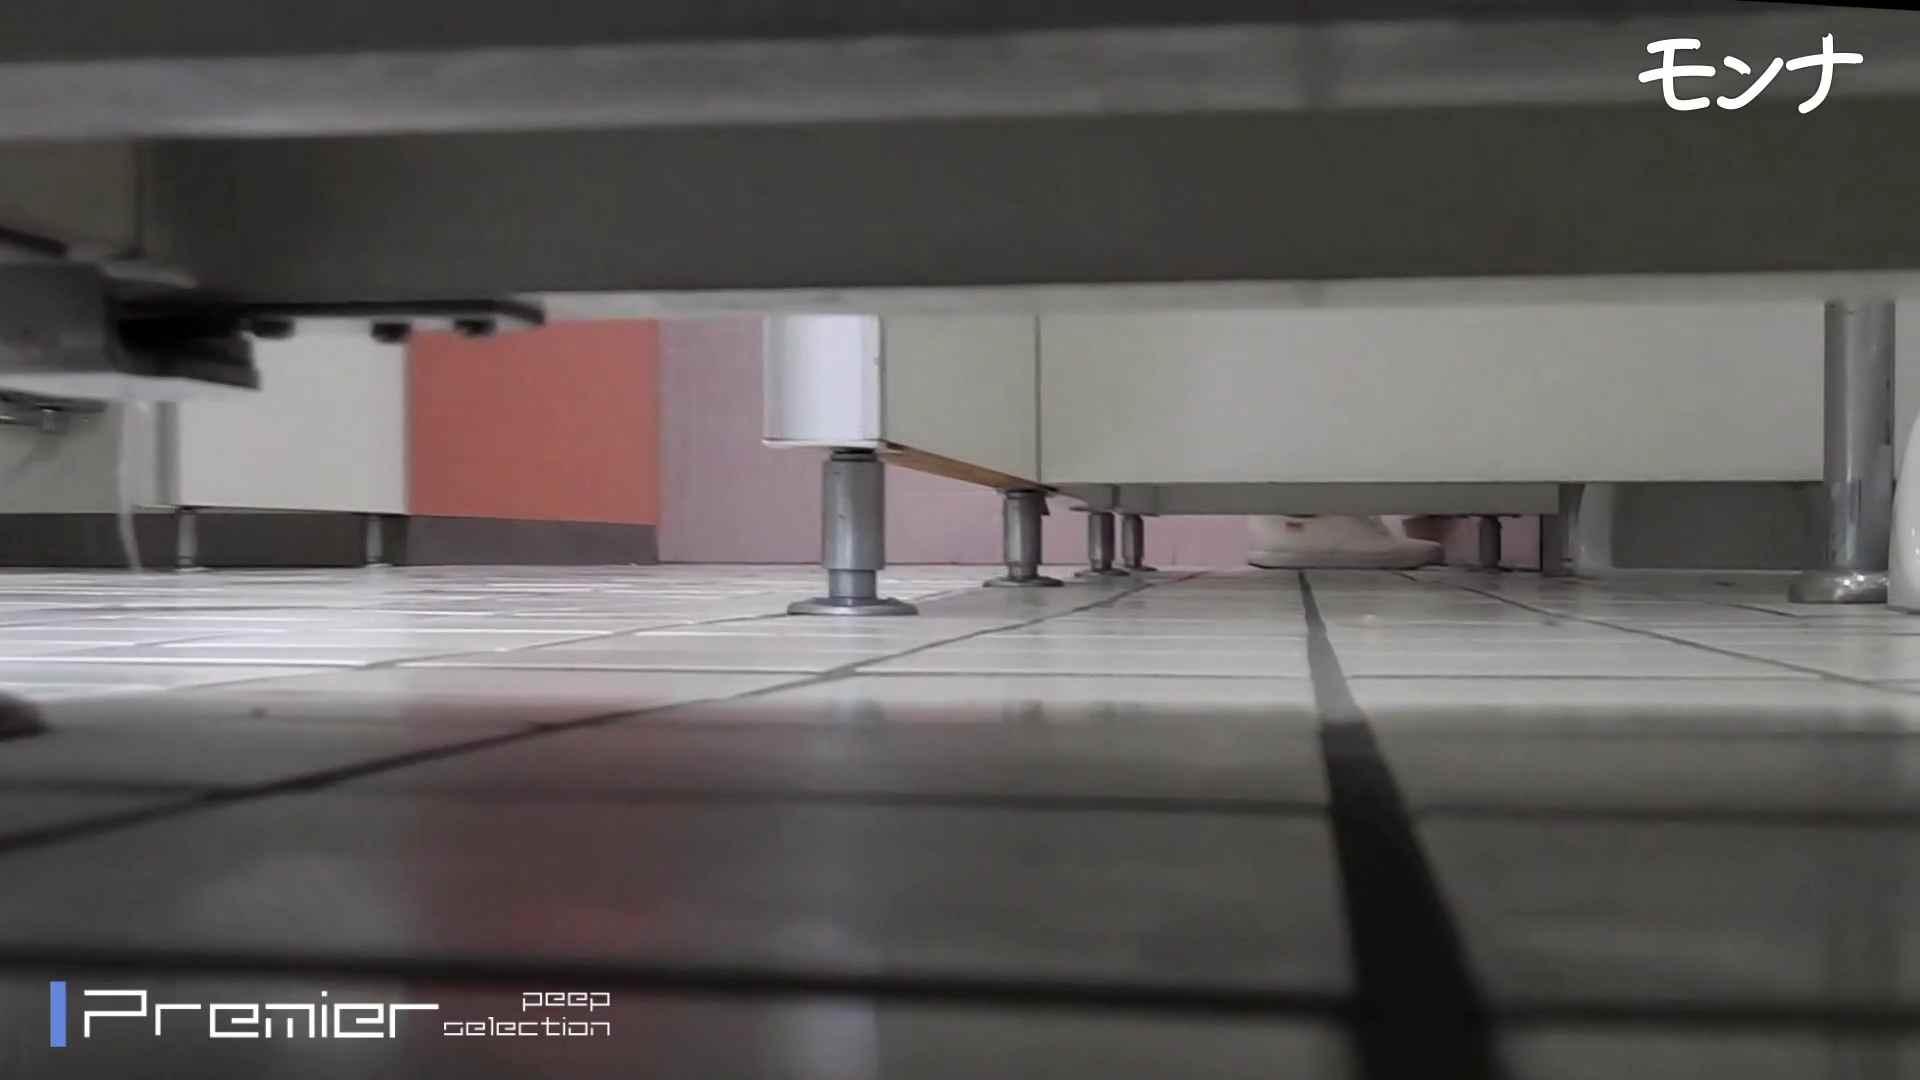 CM 悶絶シリーズ5 【美しい日本の未来 No.128】 おまんこ無修正 | ギャル・コレクション  48連発 35